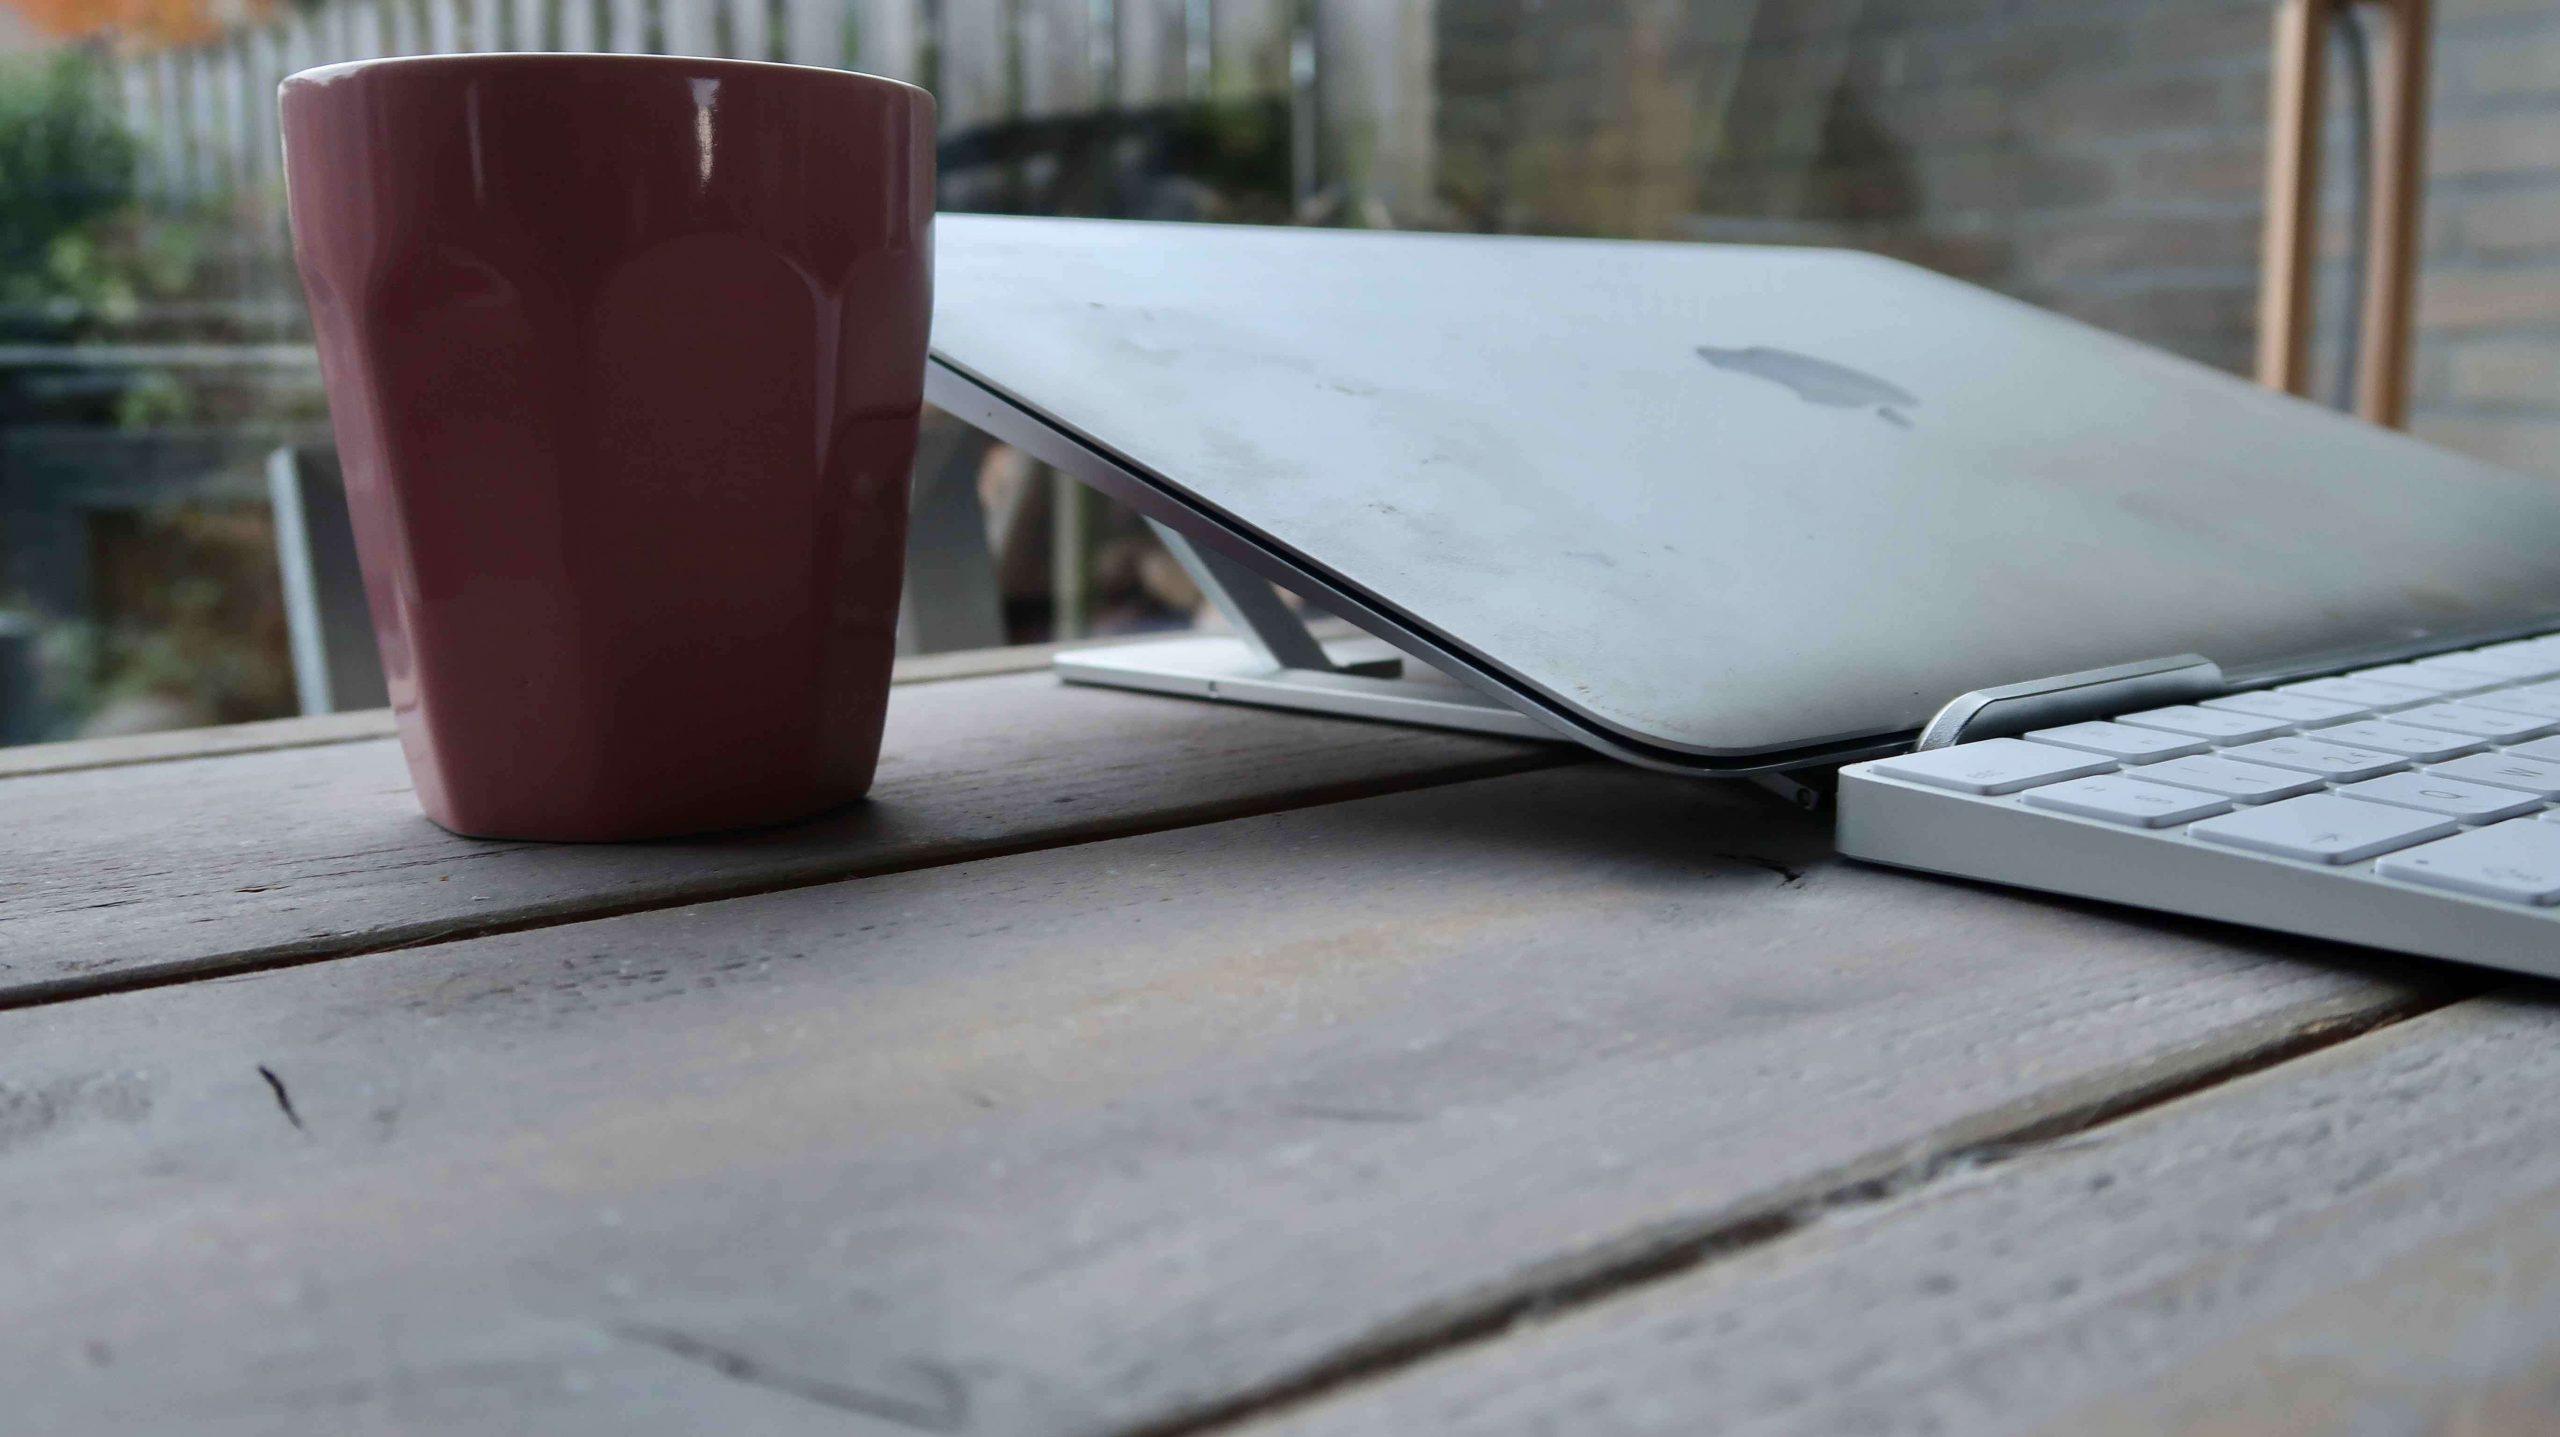 Waar moet je op letten bij online koffie kopen?